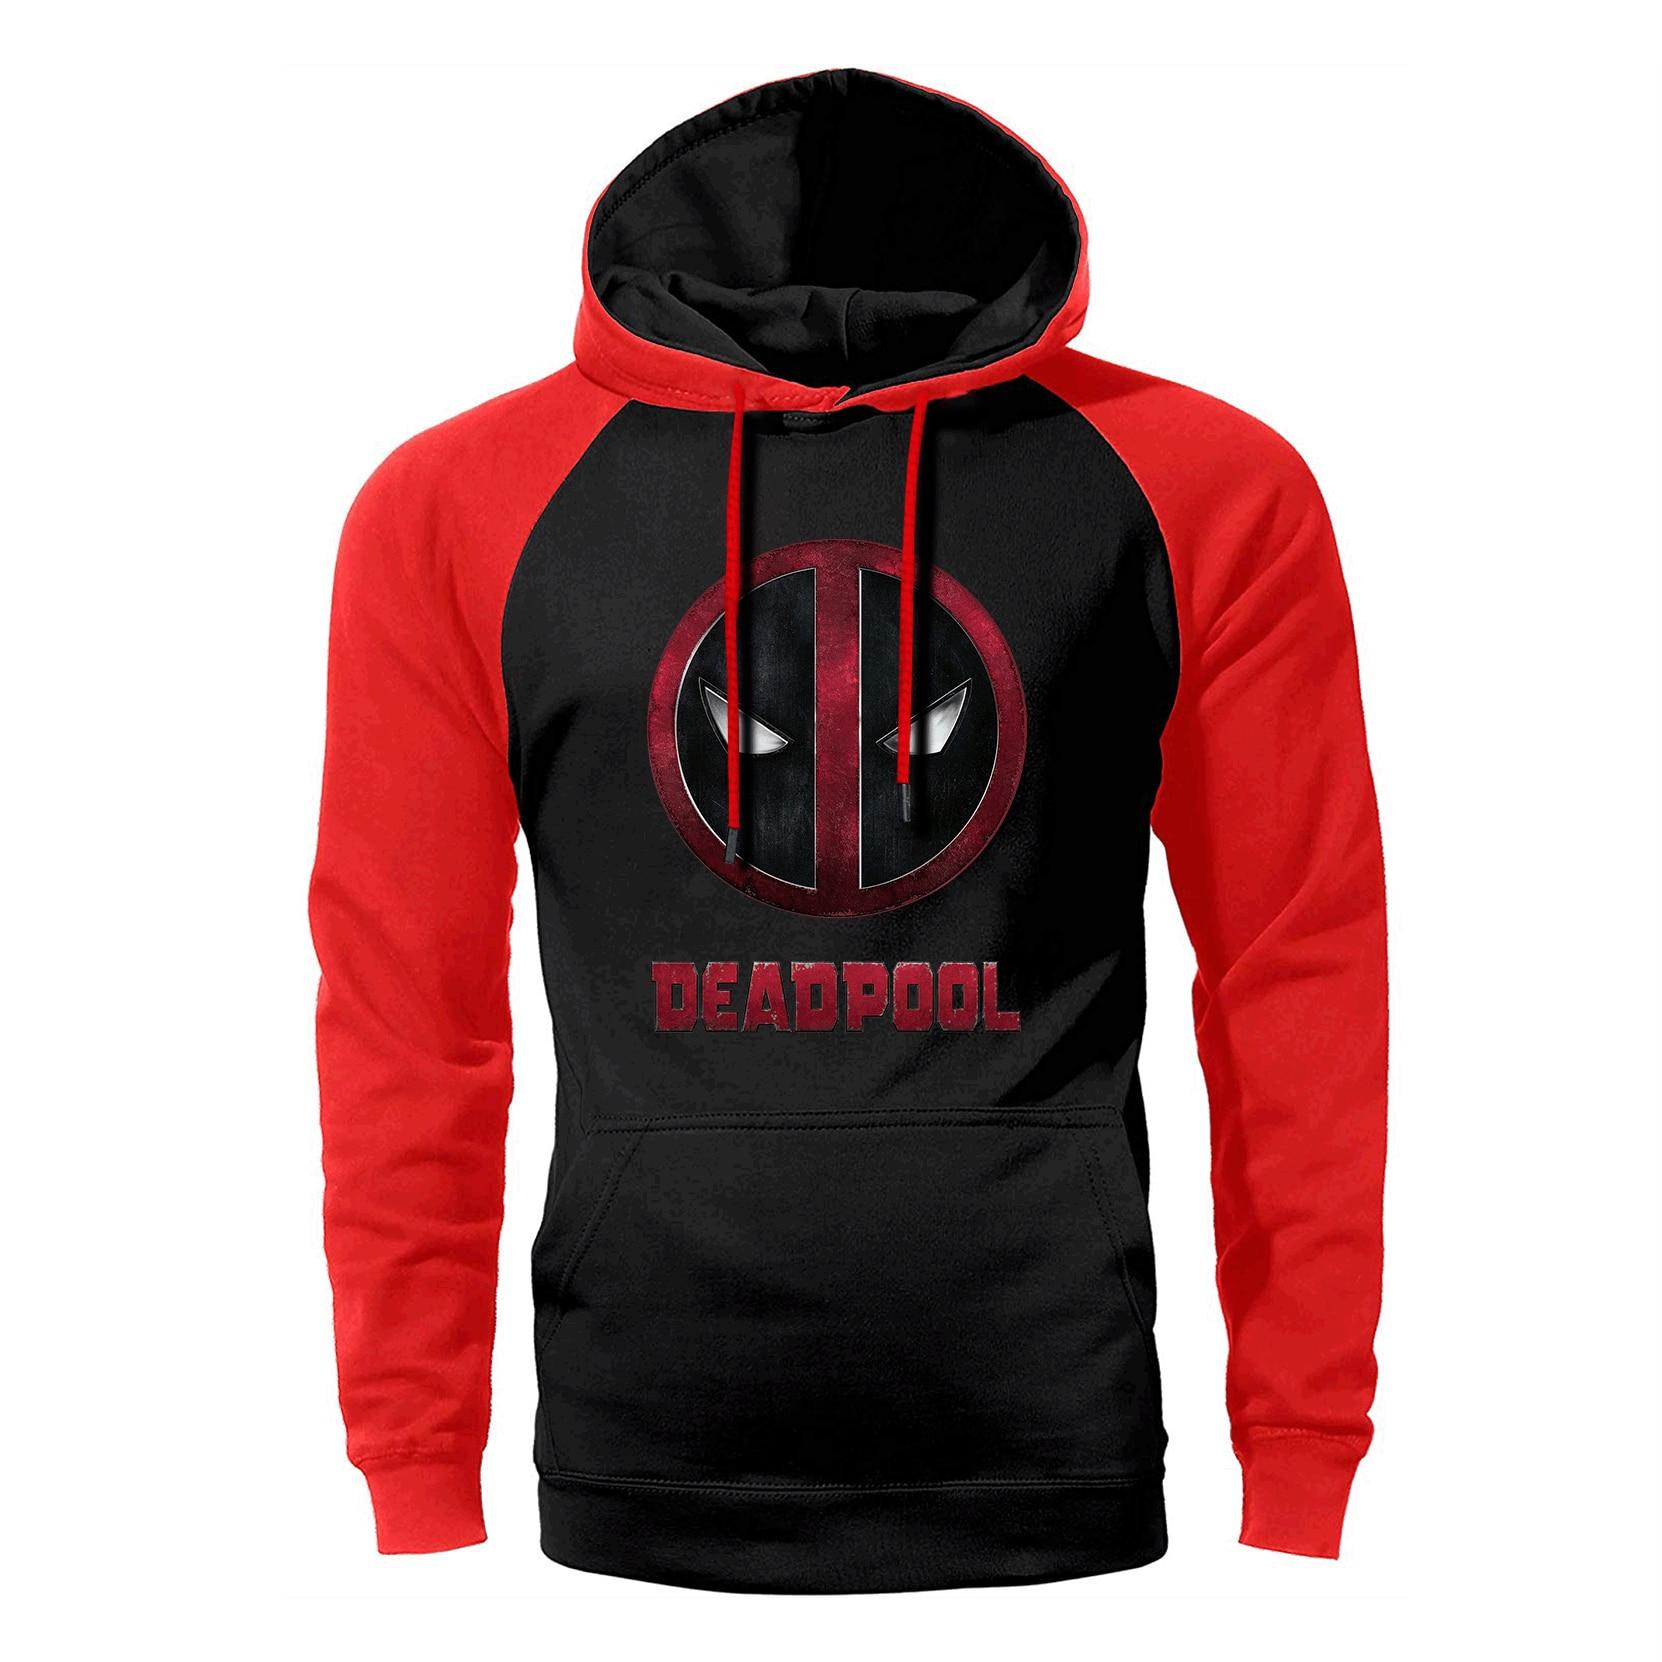 Deadpool Raglan Hoodie Men Super Hero Hoodies Funny Hipster Hooded Sweatshirt 2019 Spring Autumn Dead Pool Hip Hop Streetwear